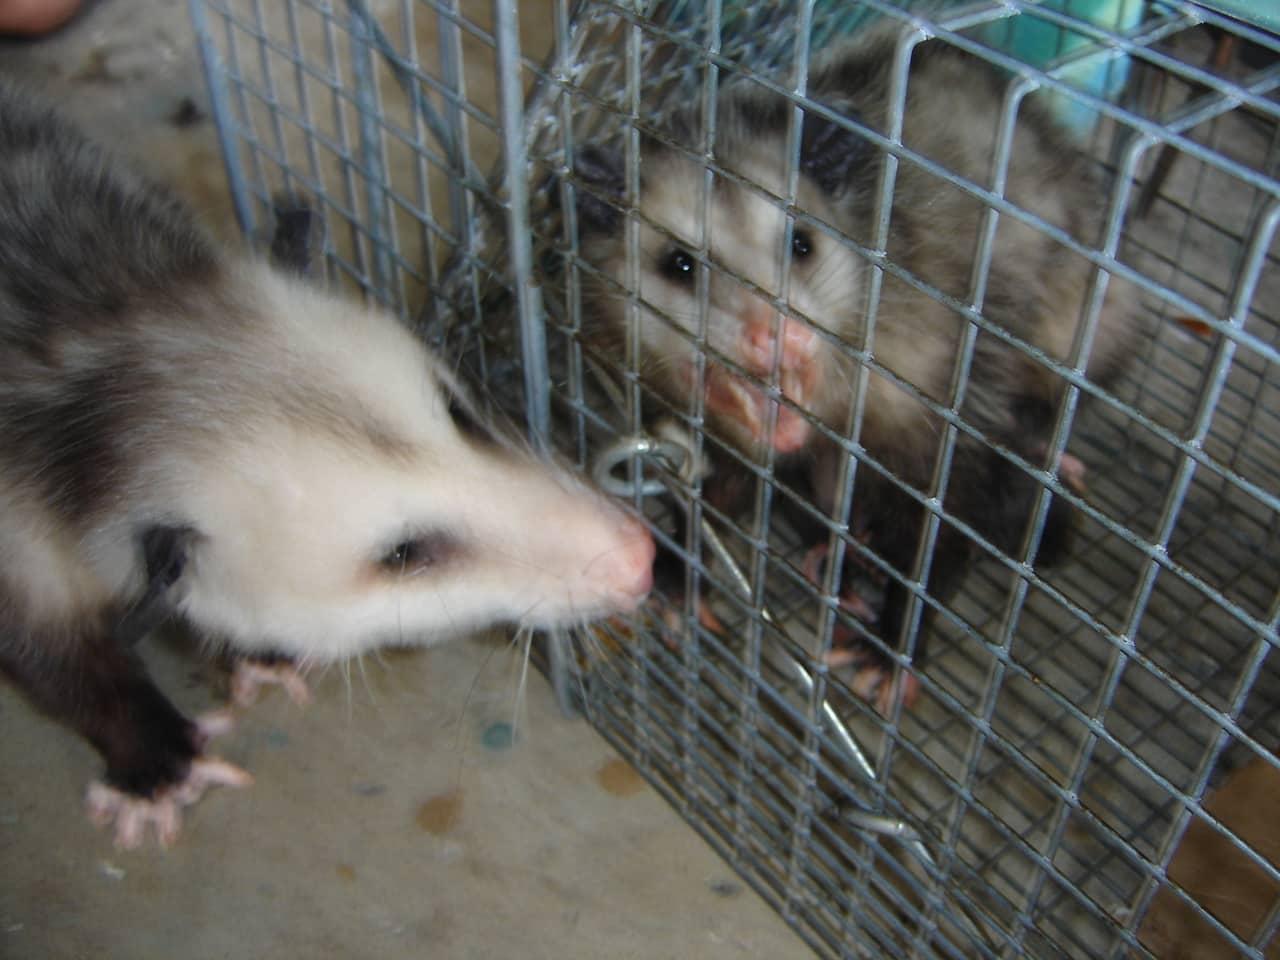 Opossum disease